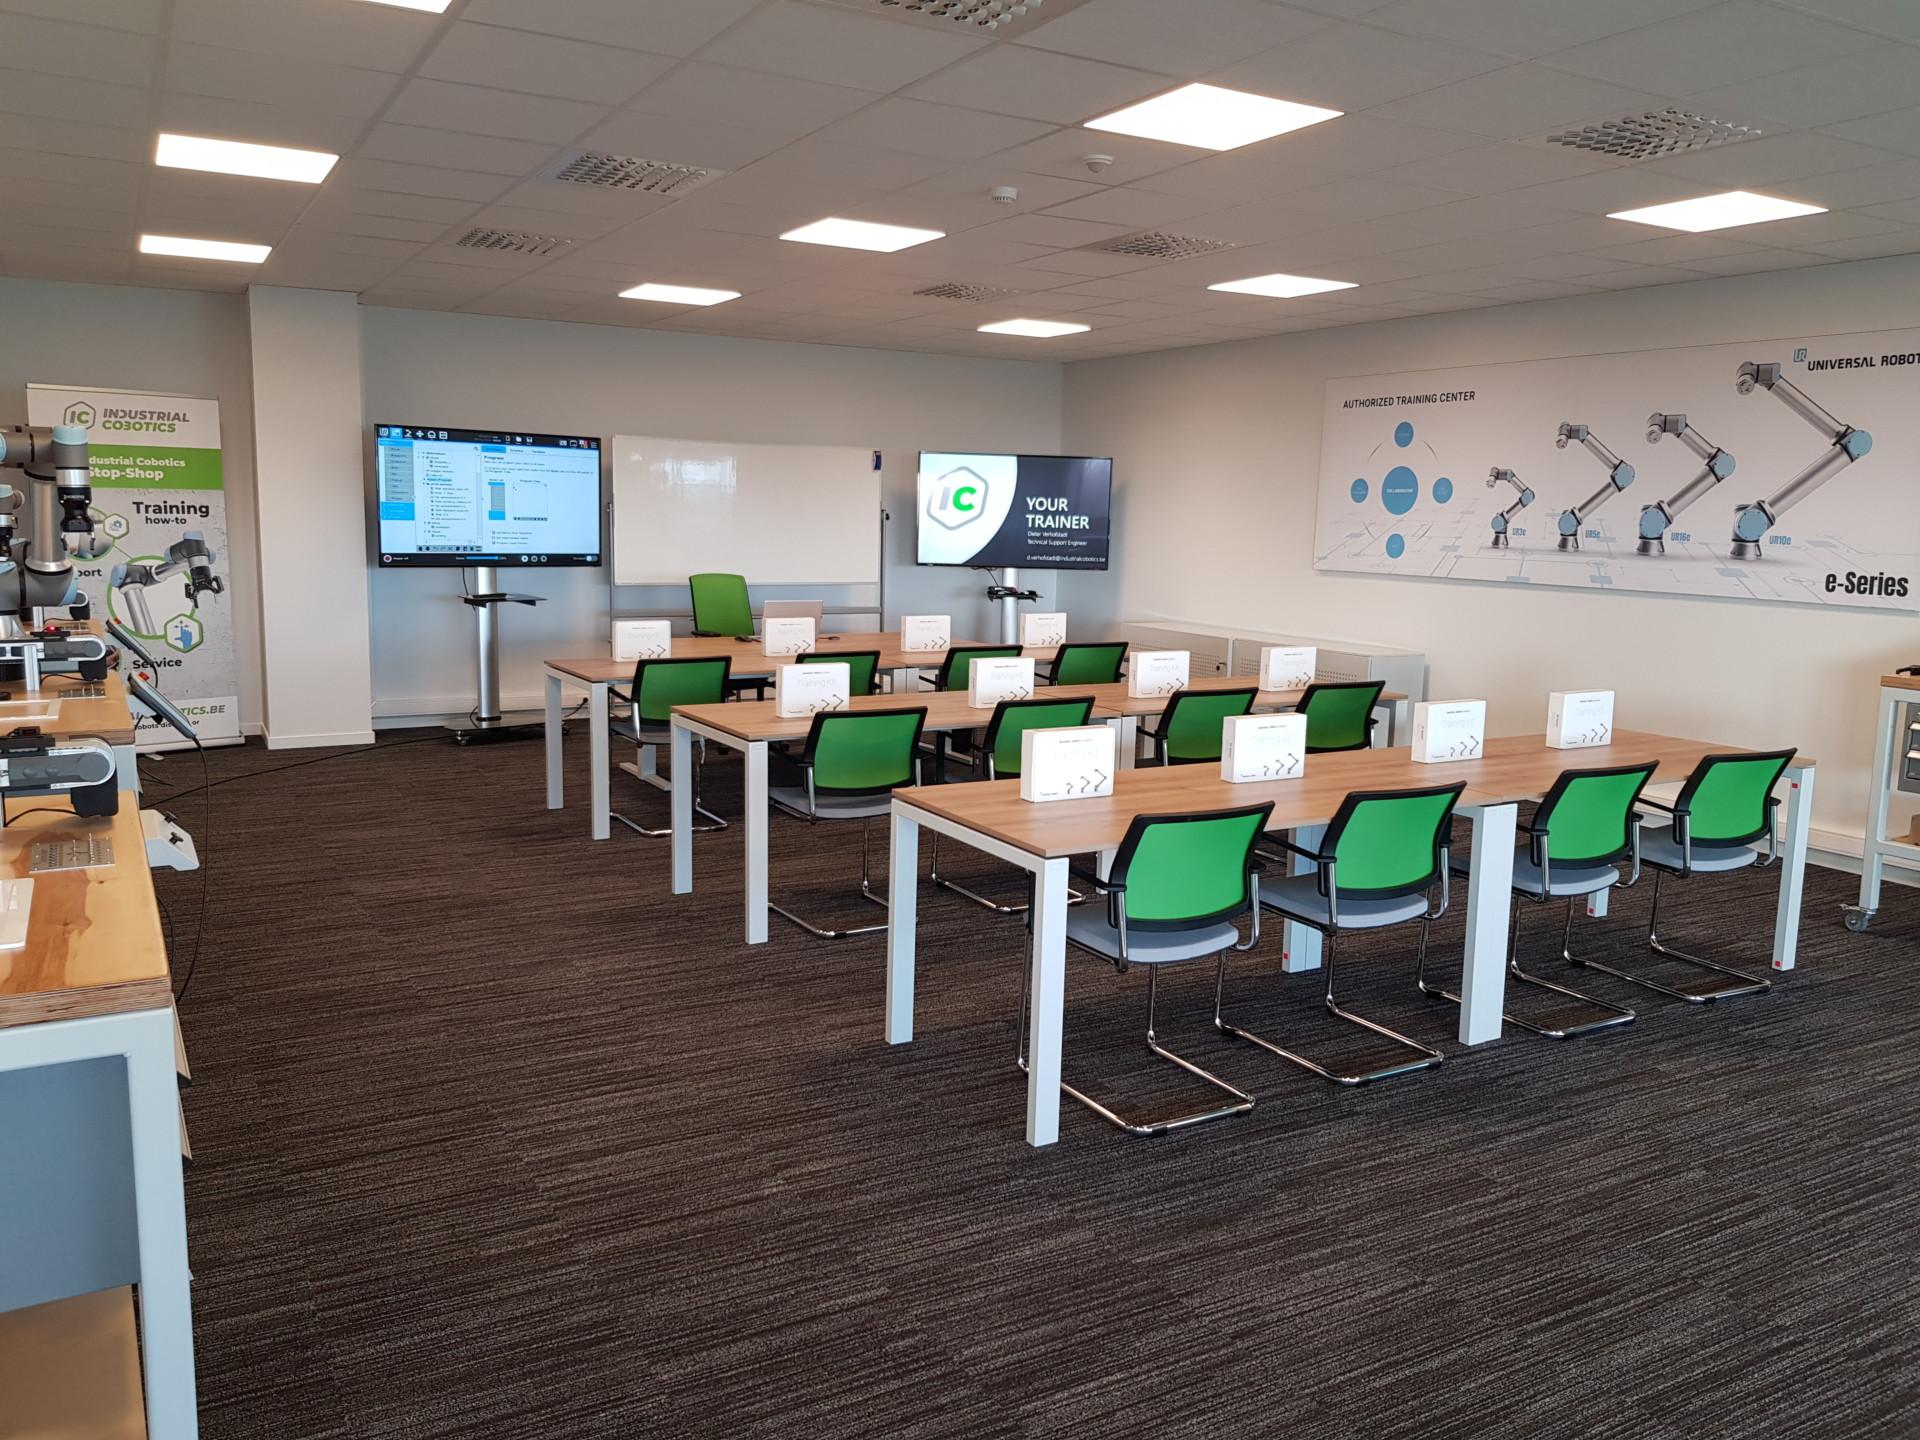 Universal Robots gecertificeerd trainingscenter in Haaltert, Belgie